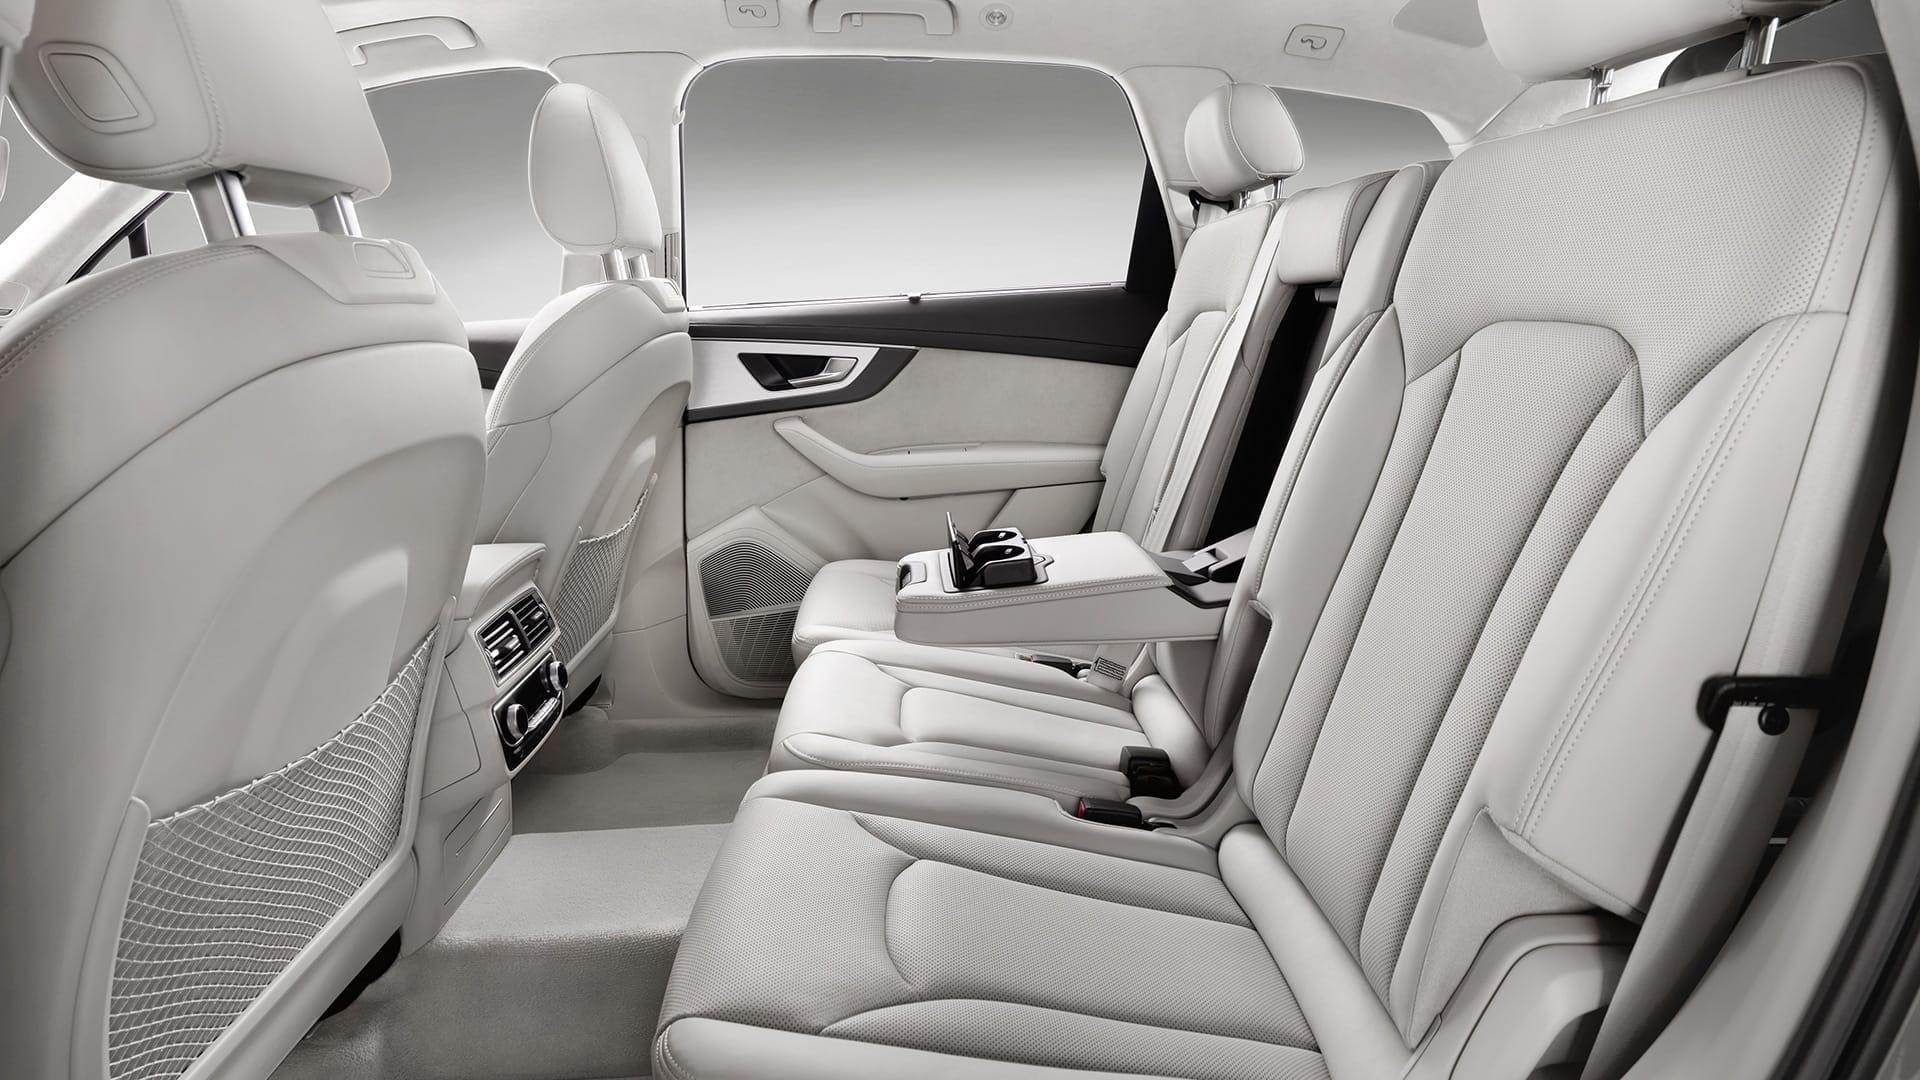 Q7 Q7 Audi India